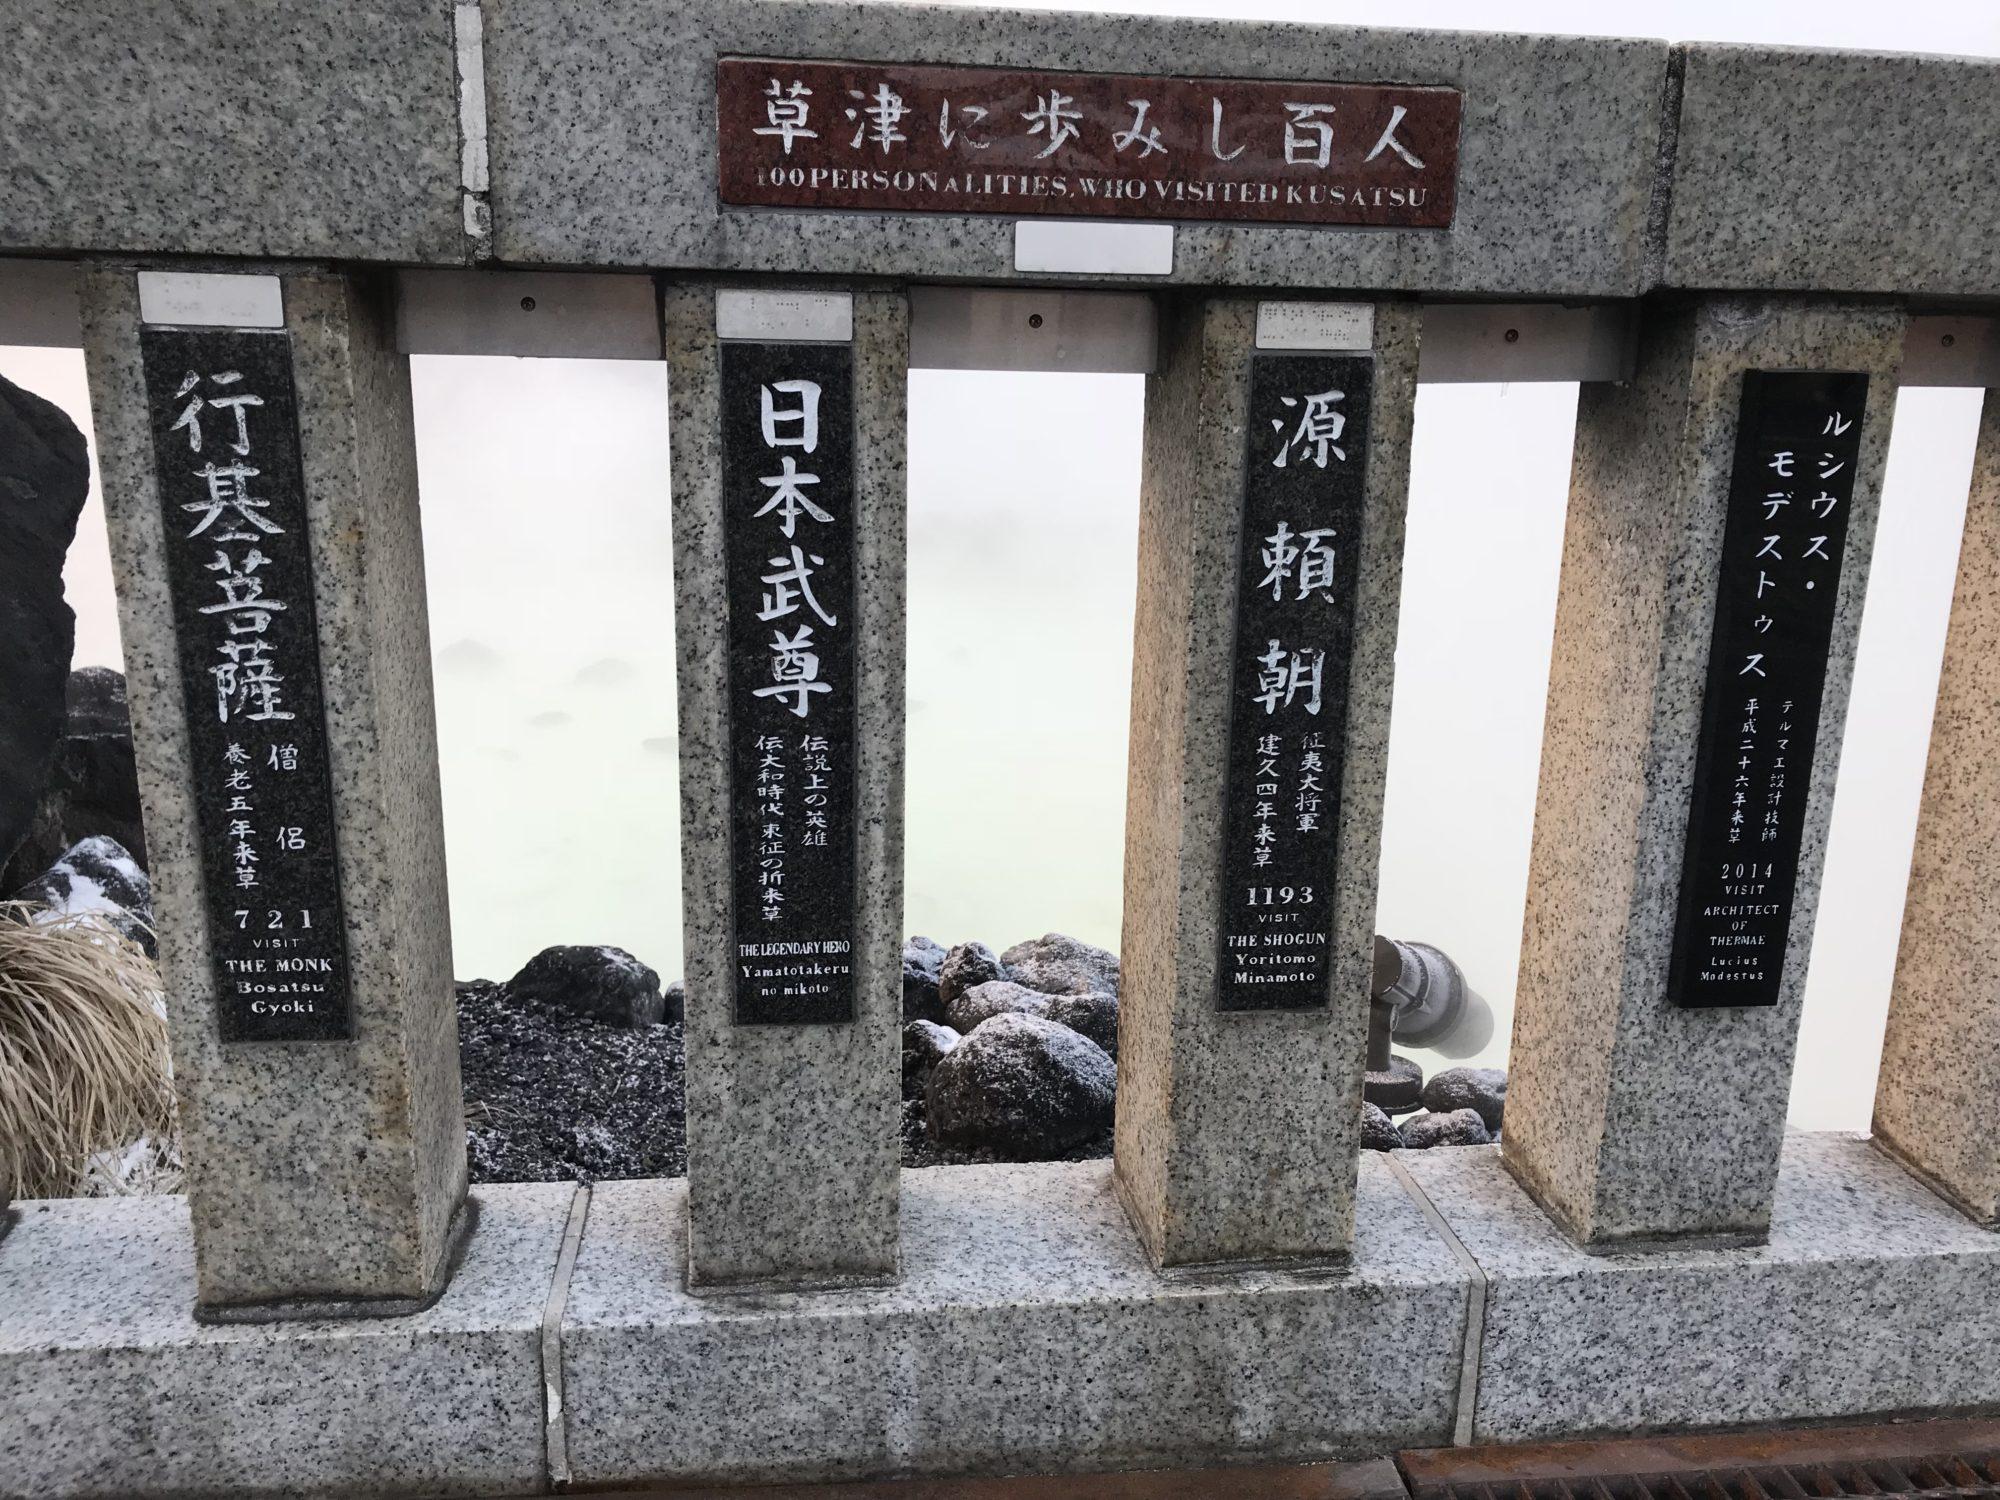 湯畑、ヤマトタケル、源頼朝